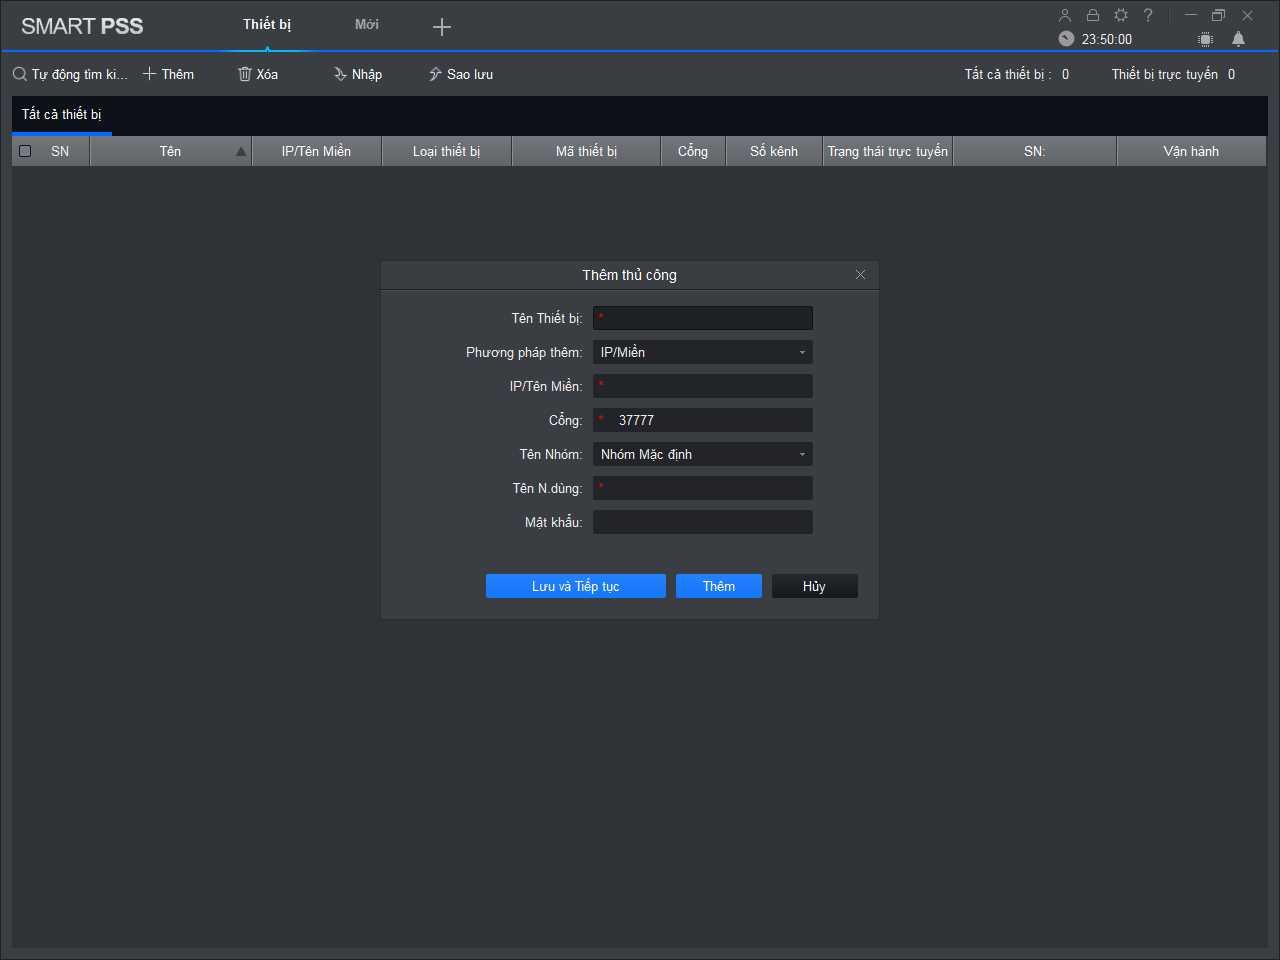 Cấu hình IP phần mềm Smart PSS xem camera Dahuua trên máy tính